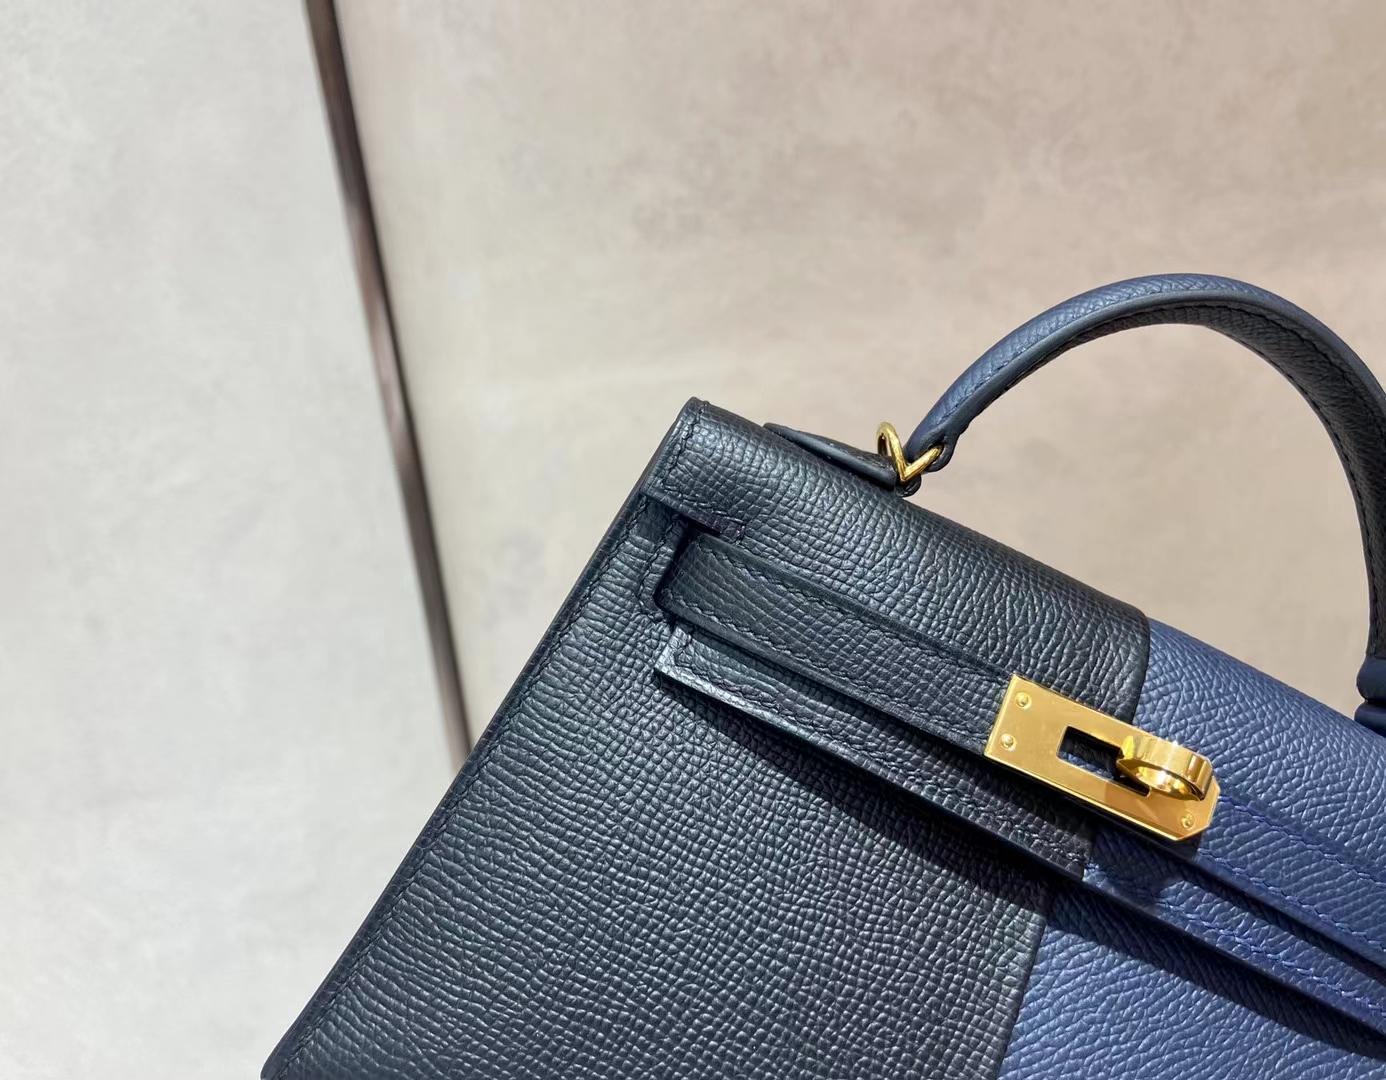 Hermès(爱马仕)miniKelly 迷你凯莉 epsom 89 黑色拼藏青色 二代 金扣 顶级纯手工 现货